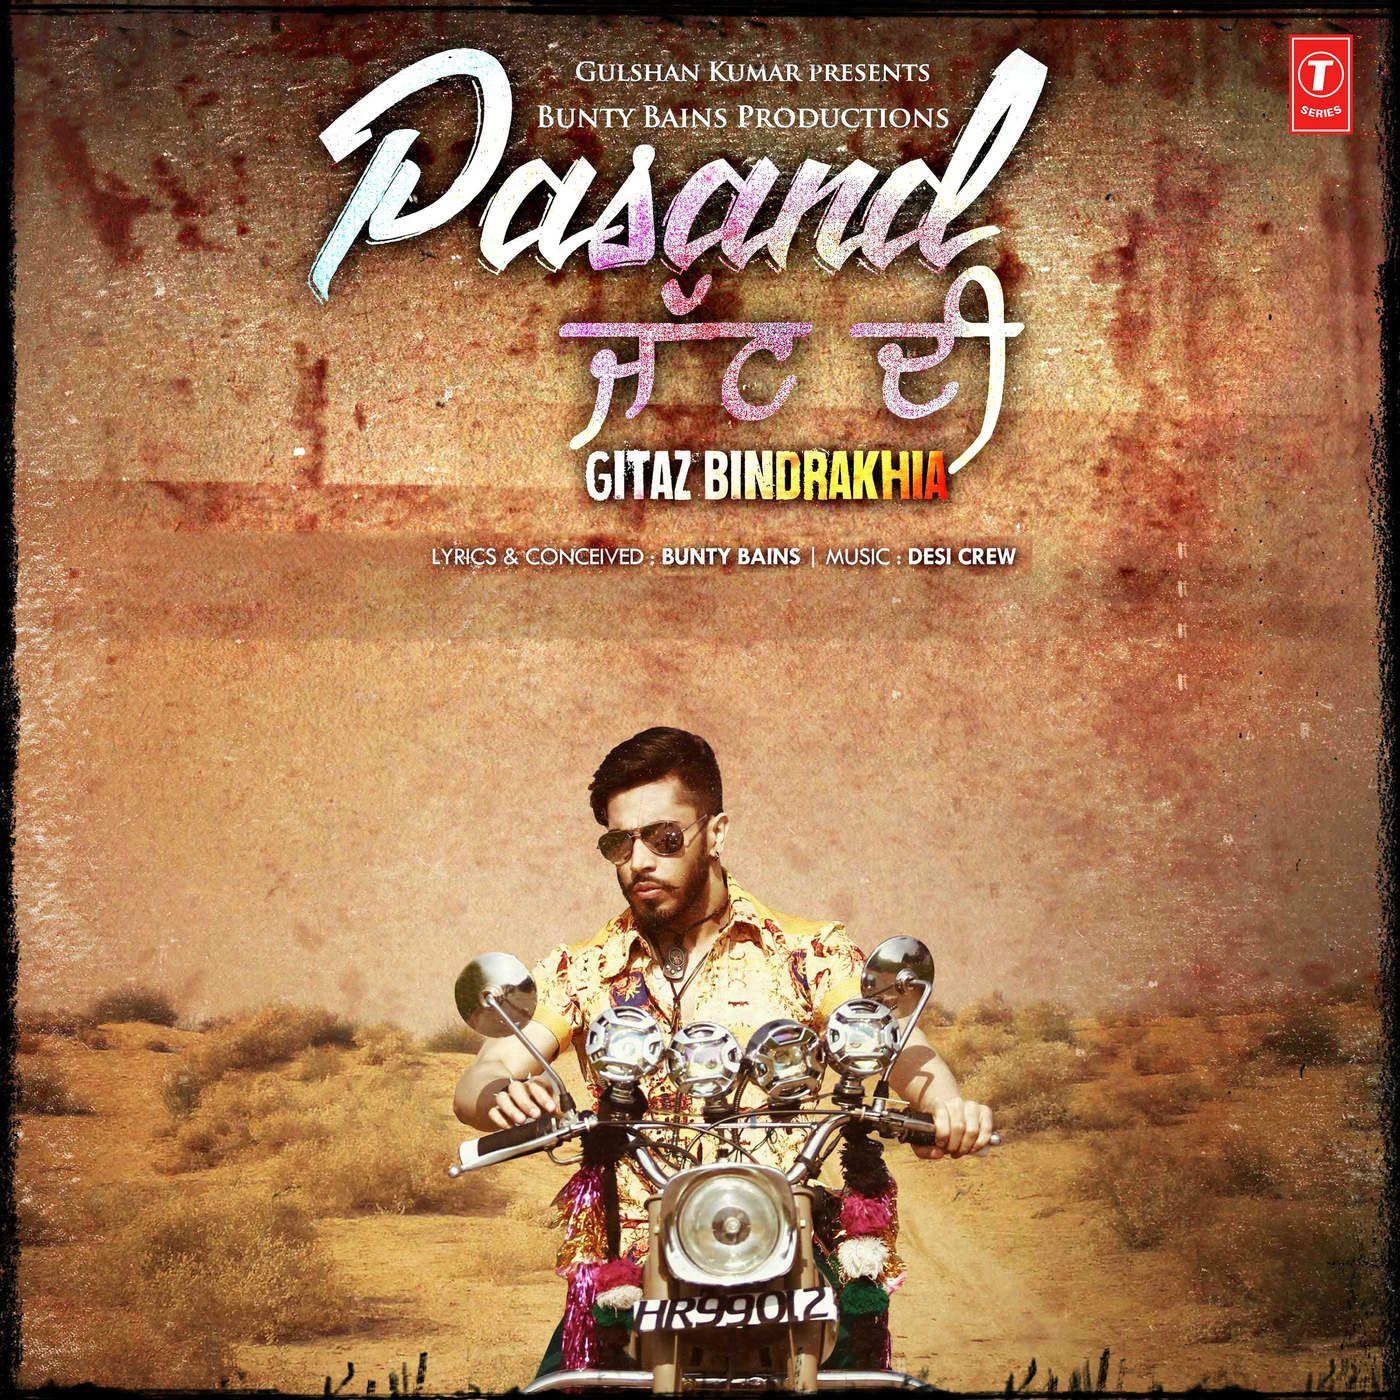 Free Download Pasand Jatt Di Gitaz Bindrakhia Mp3 Songs